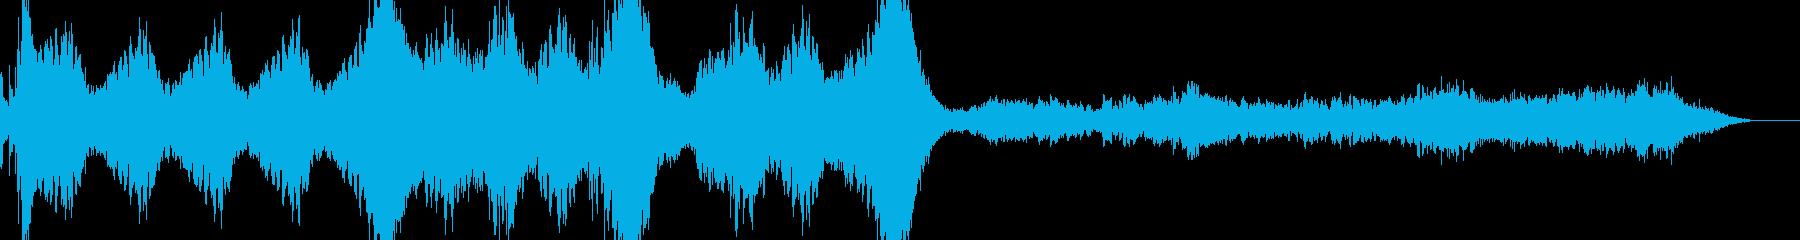 ミステリアスでダークな雰囲気のBGMの再生済みの波形